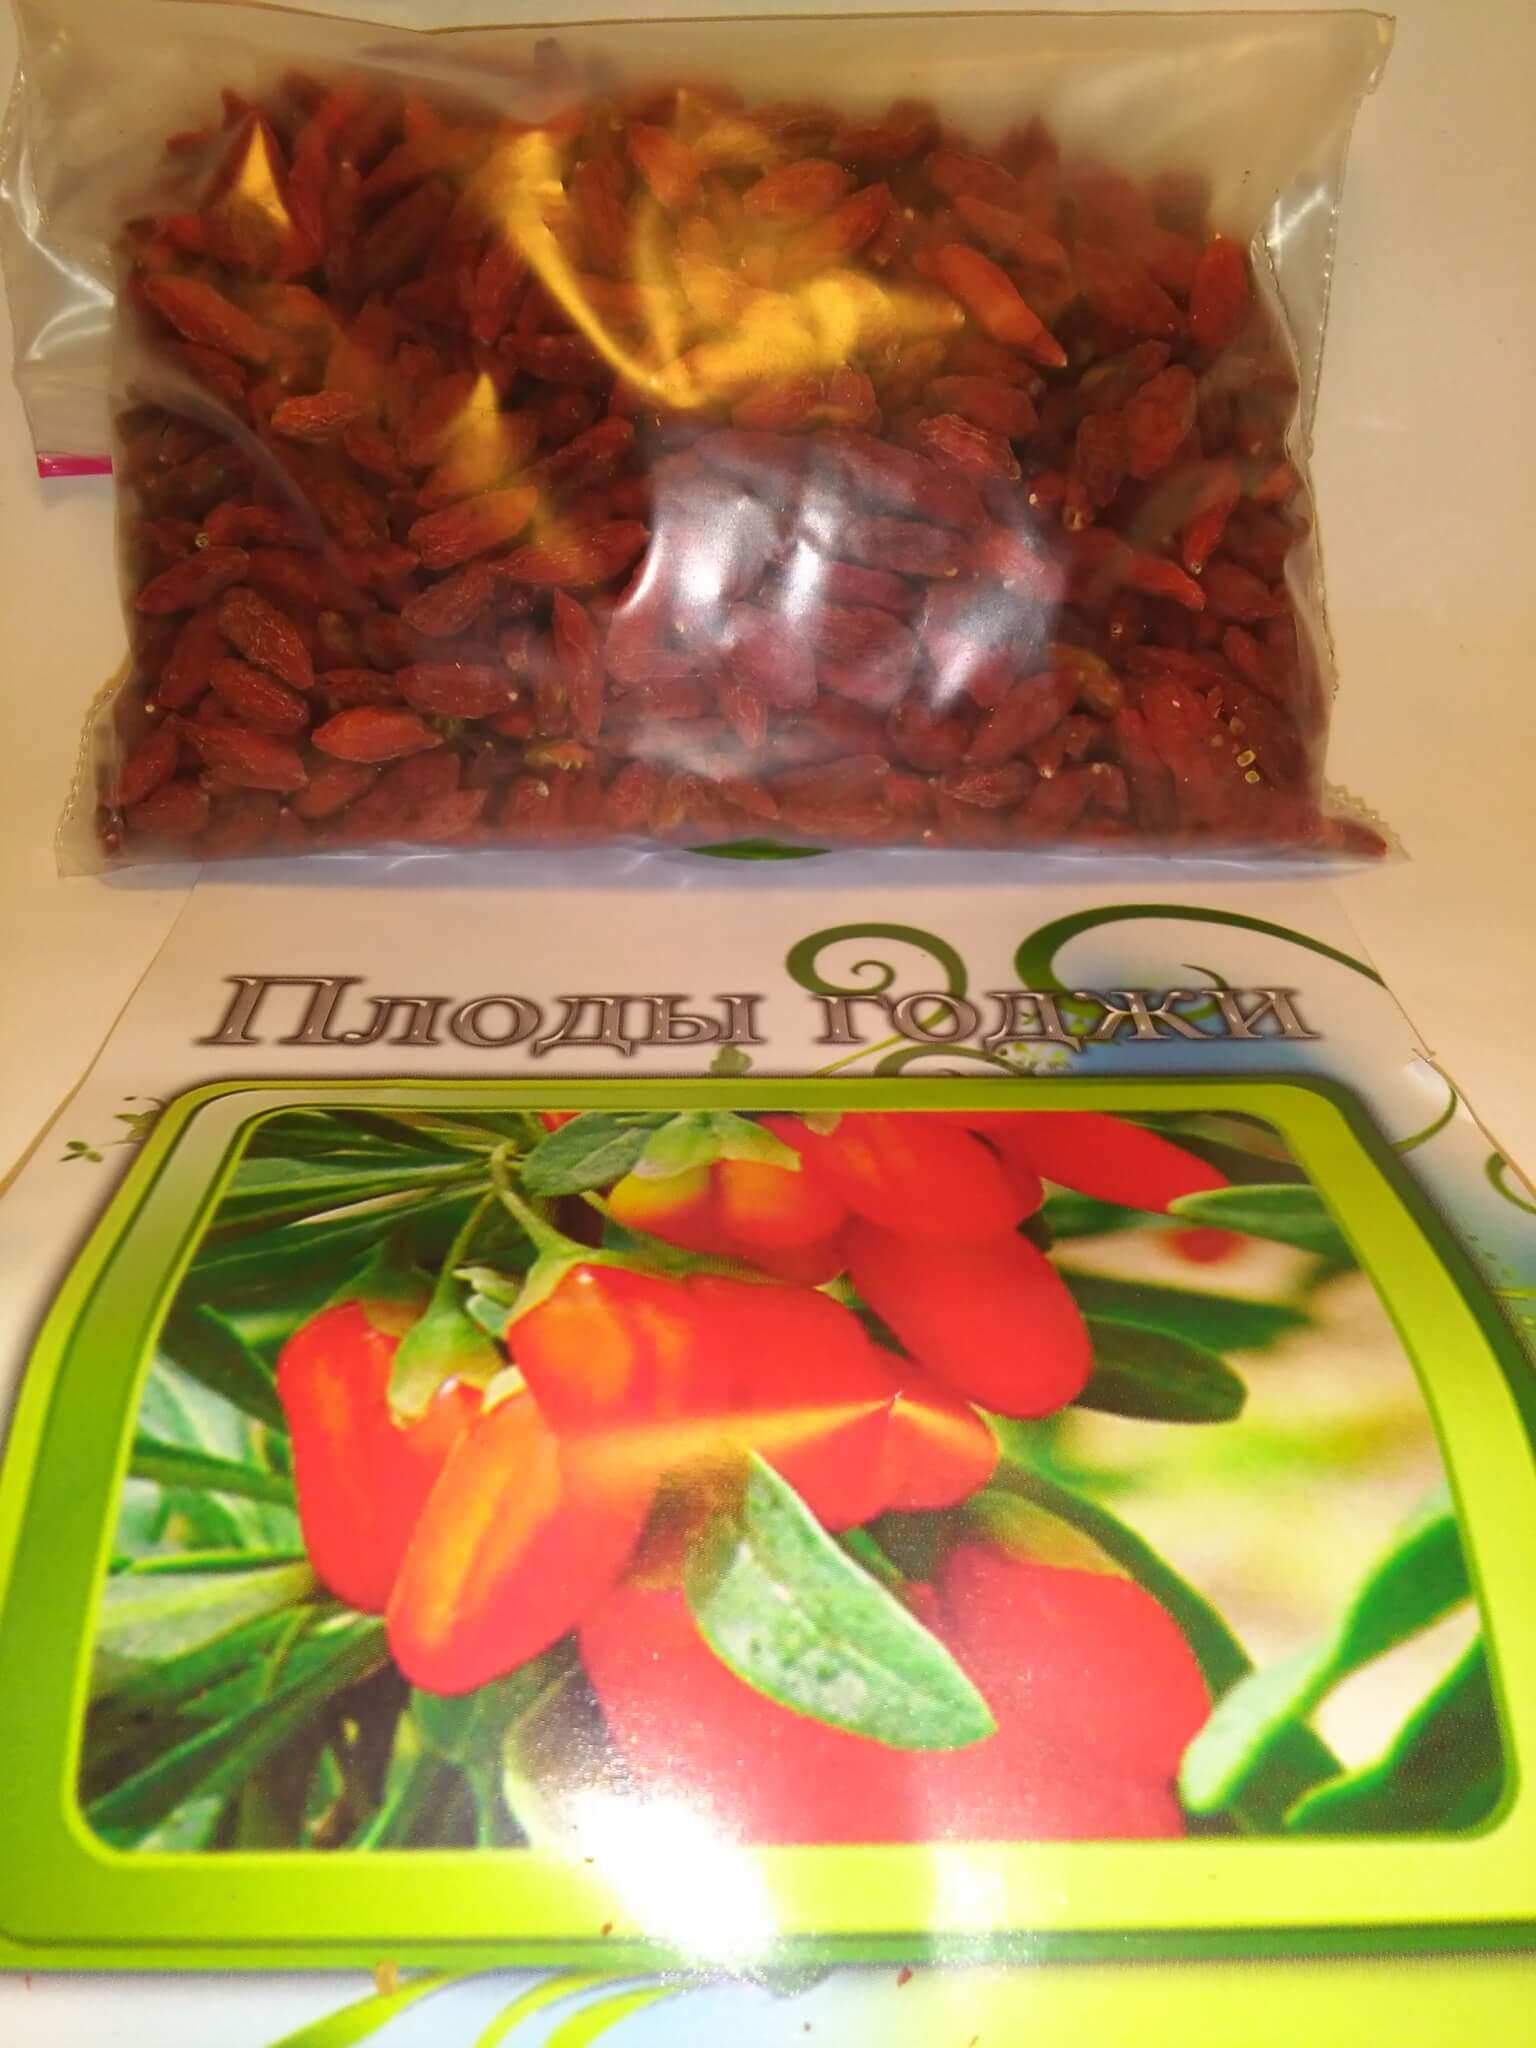 плоды Годжи ( тибетский барабарис) как полезный витаминный продукт и фитотерапии снижения веса, улучшения потенции, адаптоген после болезней